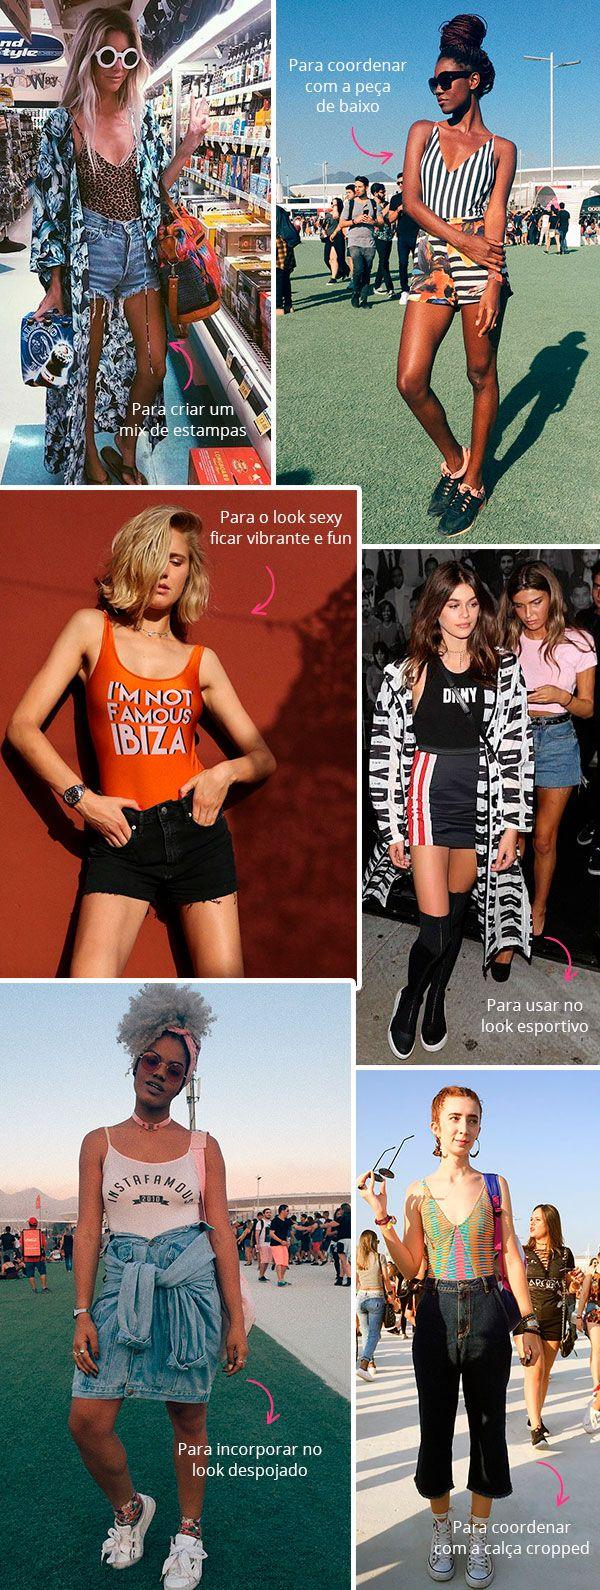 10 provas de que o body não precisa ser sempre sexy